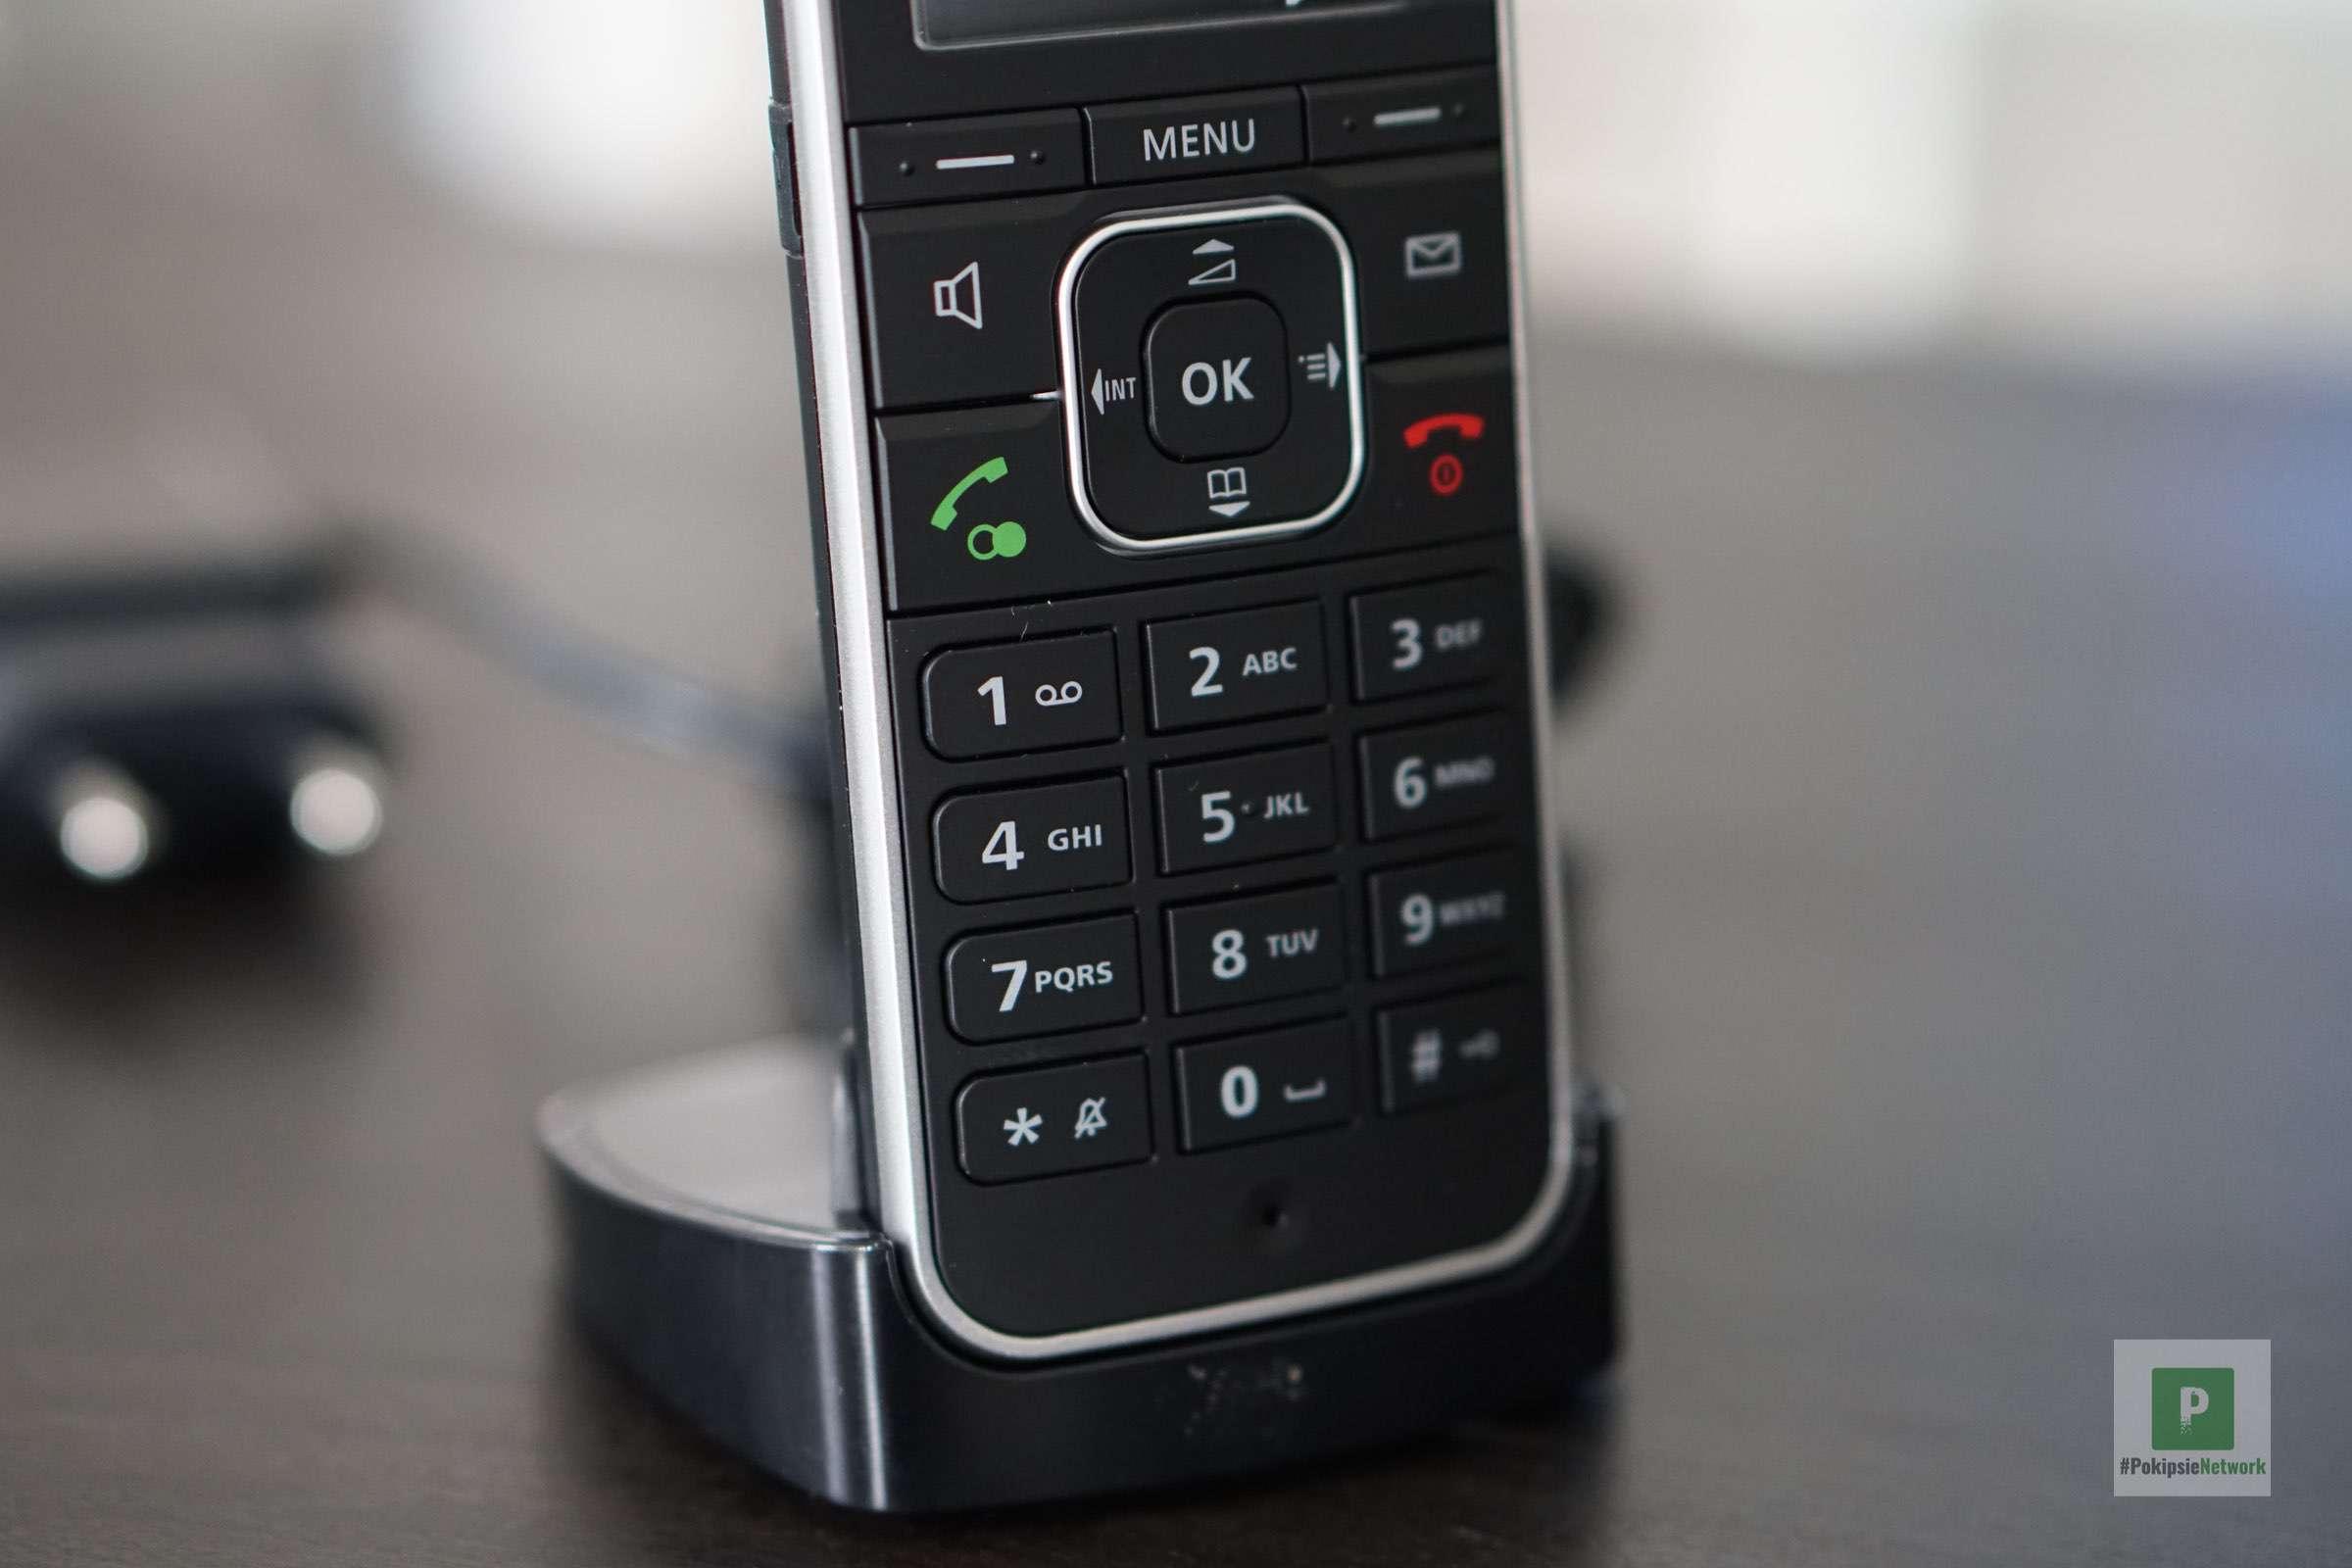 Die Tasten am Telefon